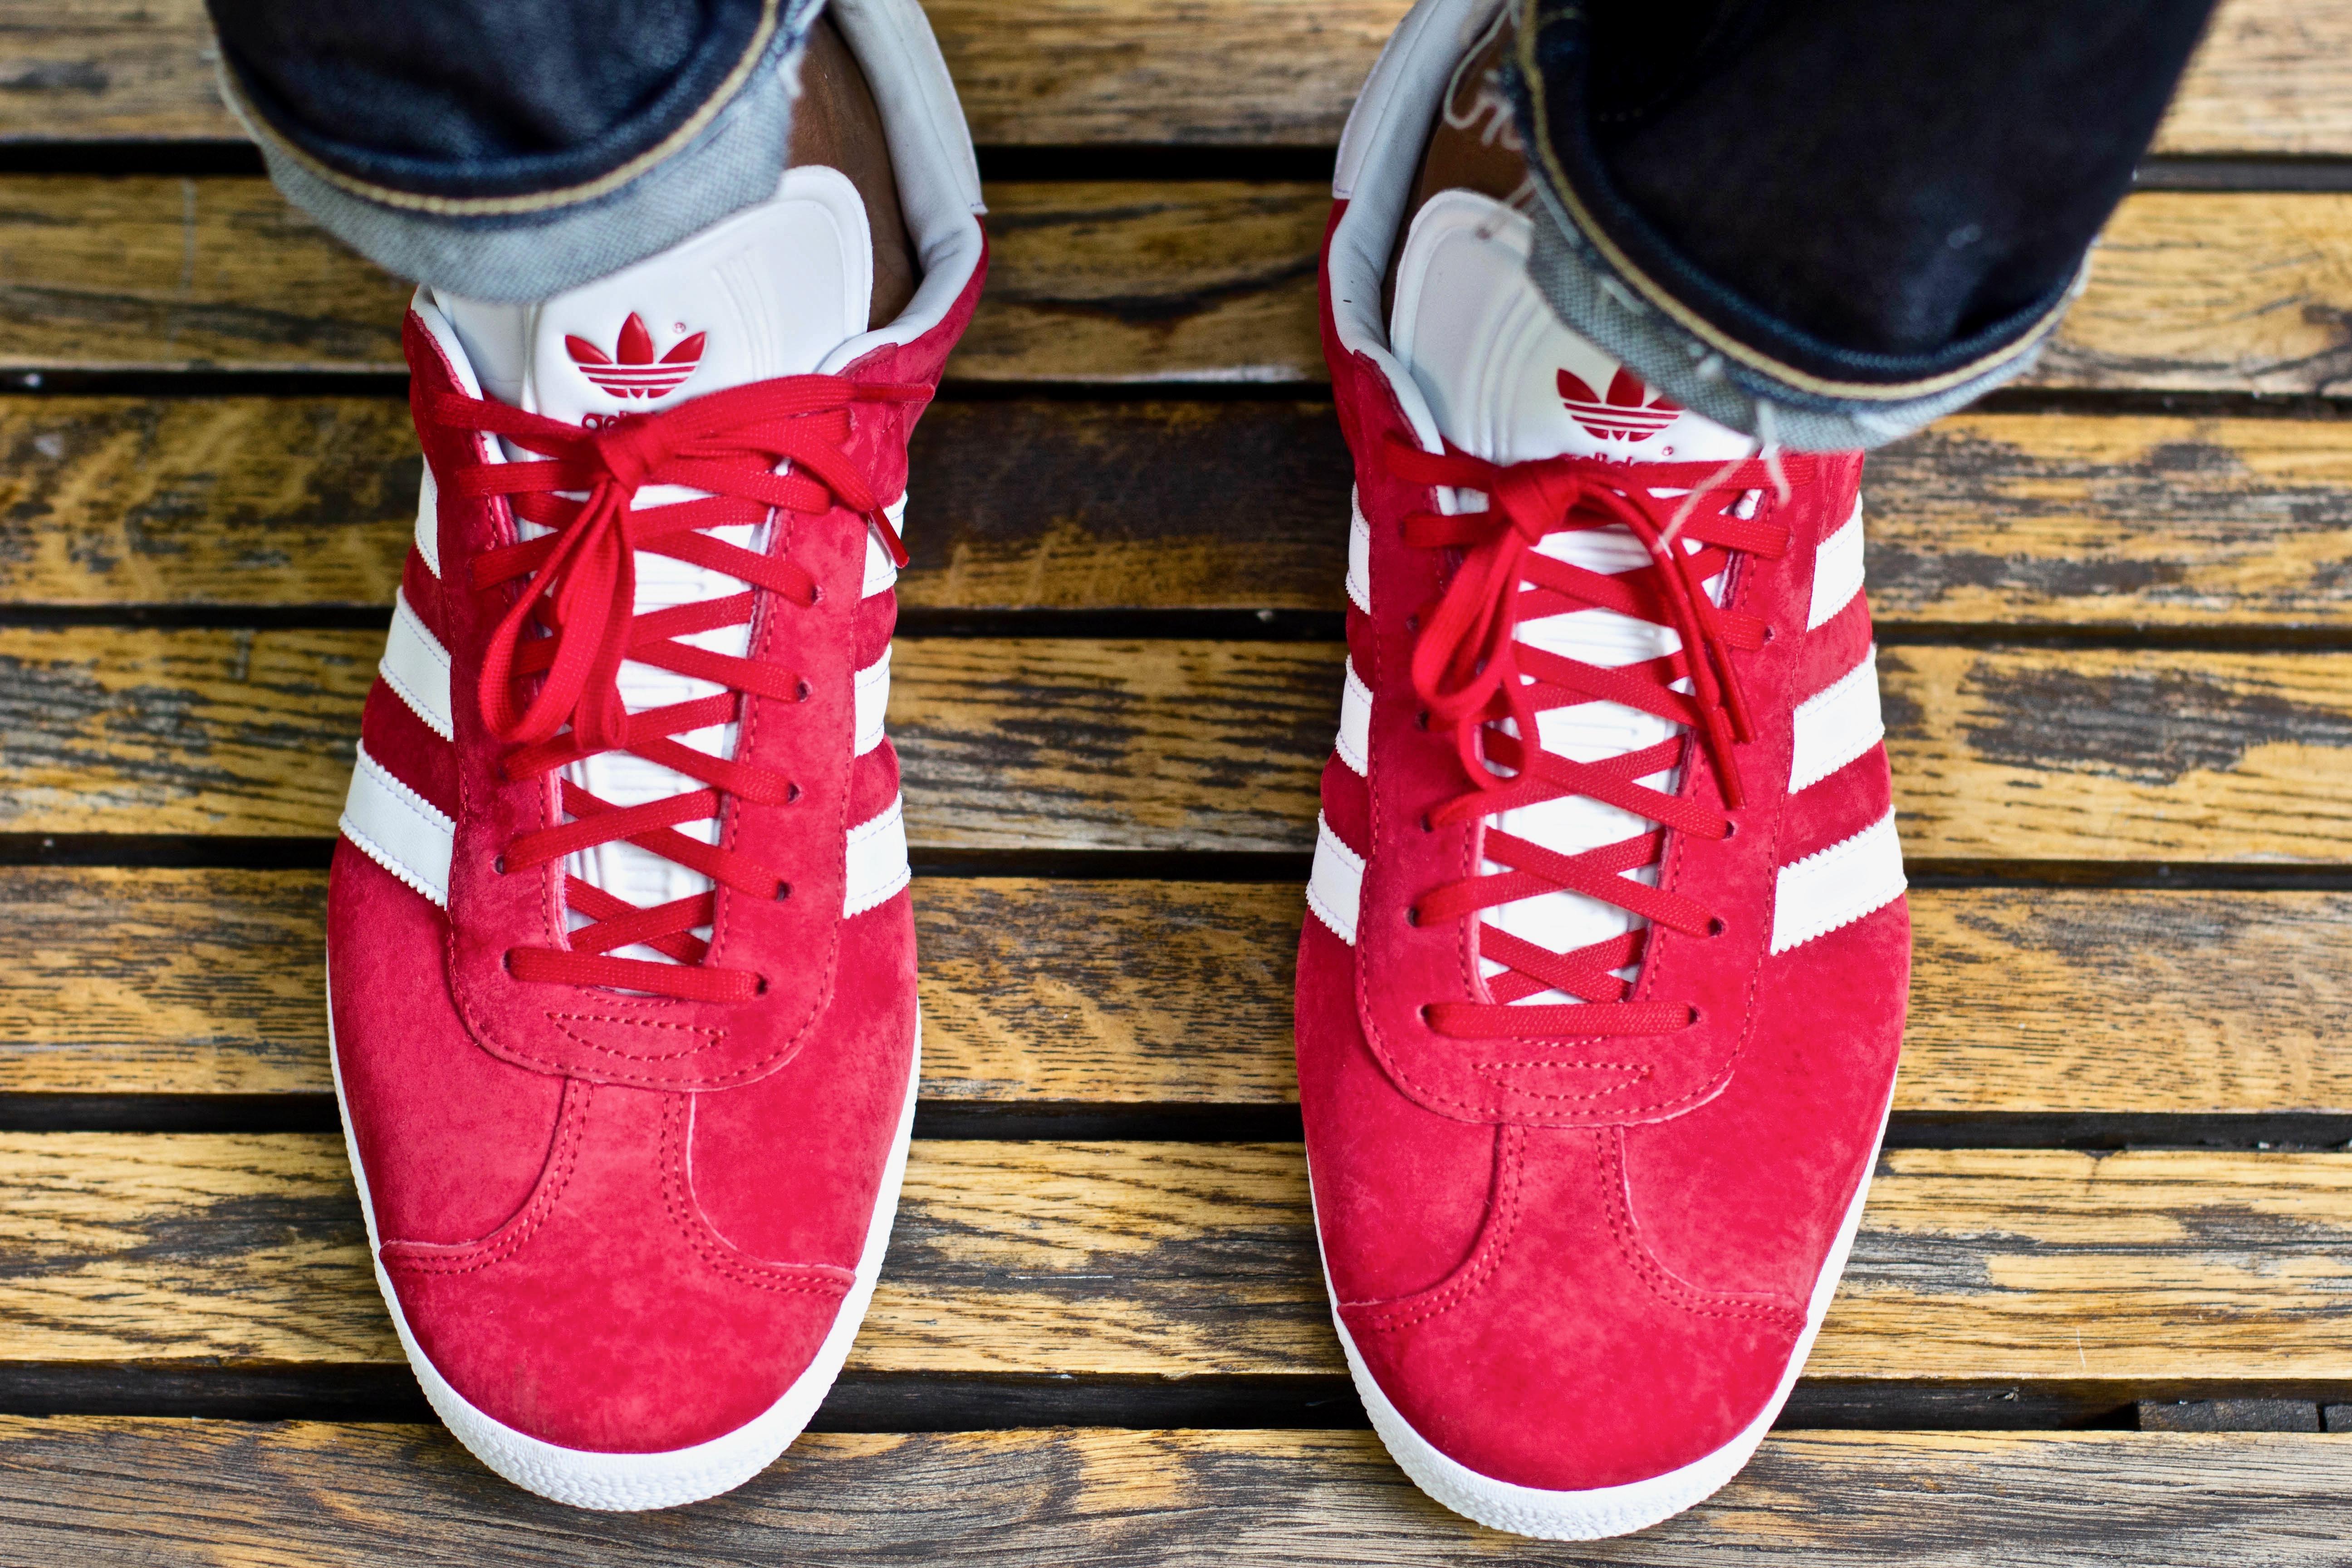 huge discount a7276 f1d11 Adidas Gazelle x Men s Style Pro Review